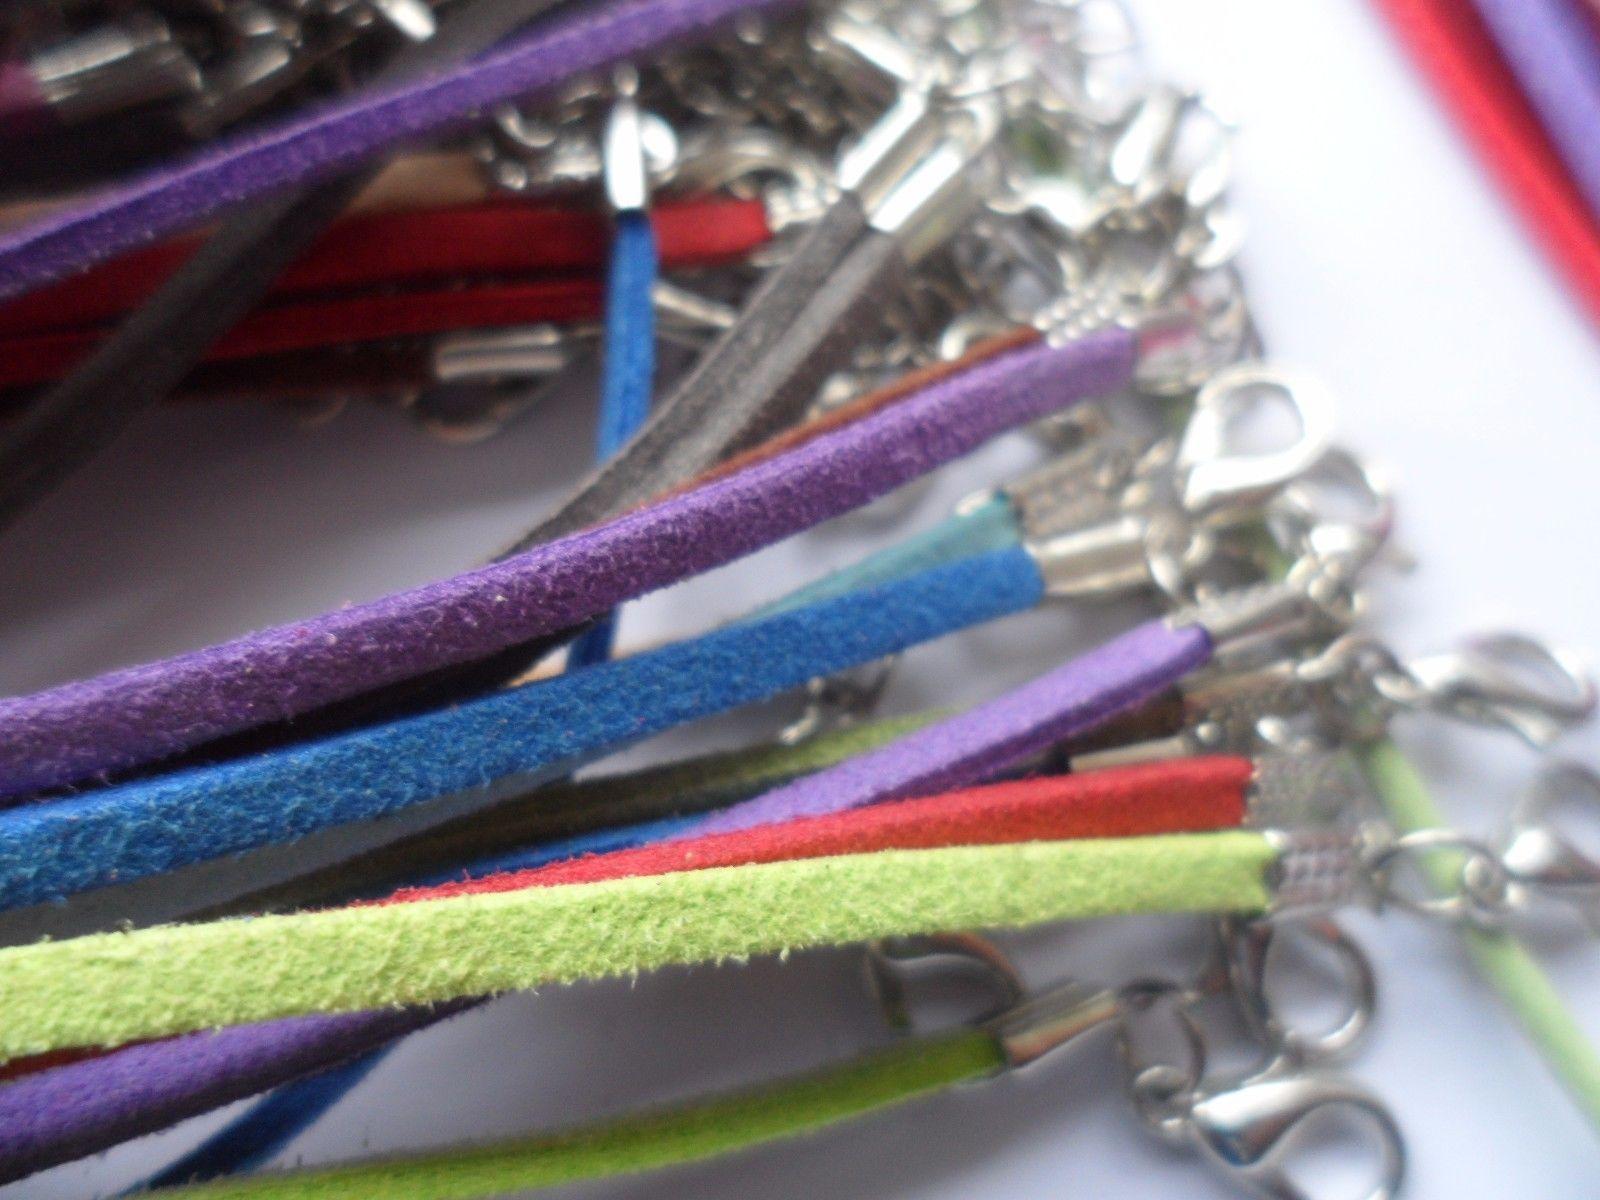 100pcs / lote 3mm Cable de gamuza mezcla color coreano cordón coreúrgulo collar cuerda cadena langosta cierre bricolaje joyería haciendo